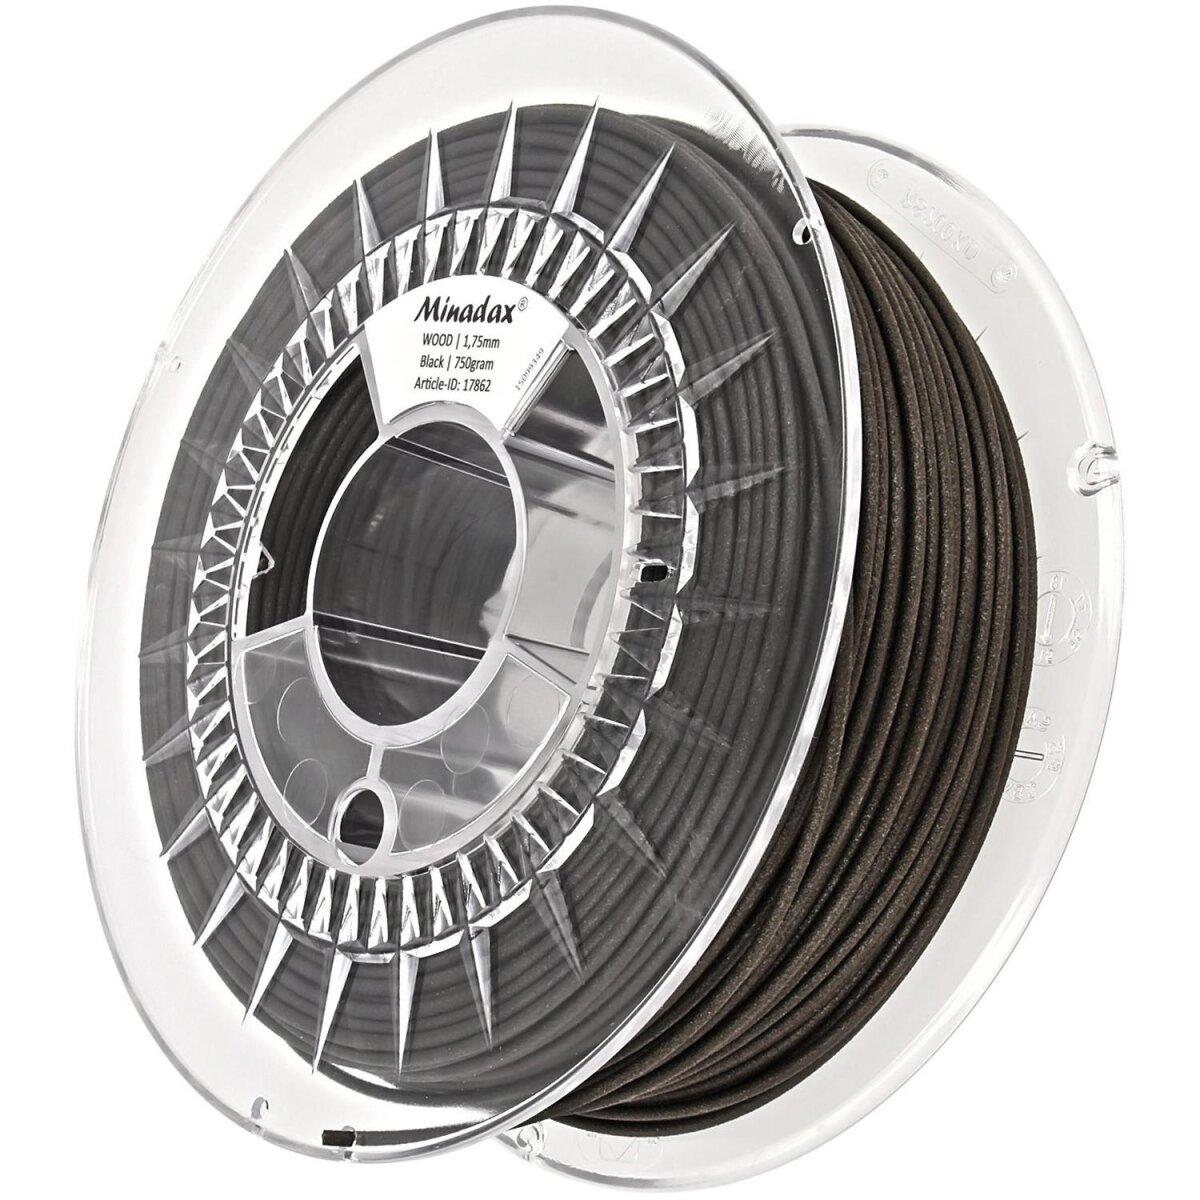 Minadax® 0,75kg Premium Qualitaet 1,75mm HOLZ-Filament schwarz fuer 3D-Drucker hergestellt in Europa